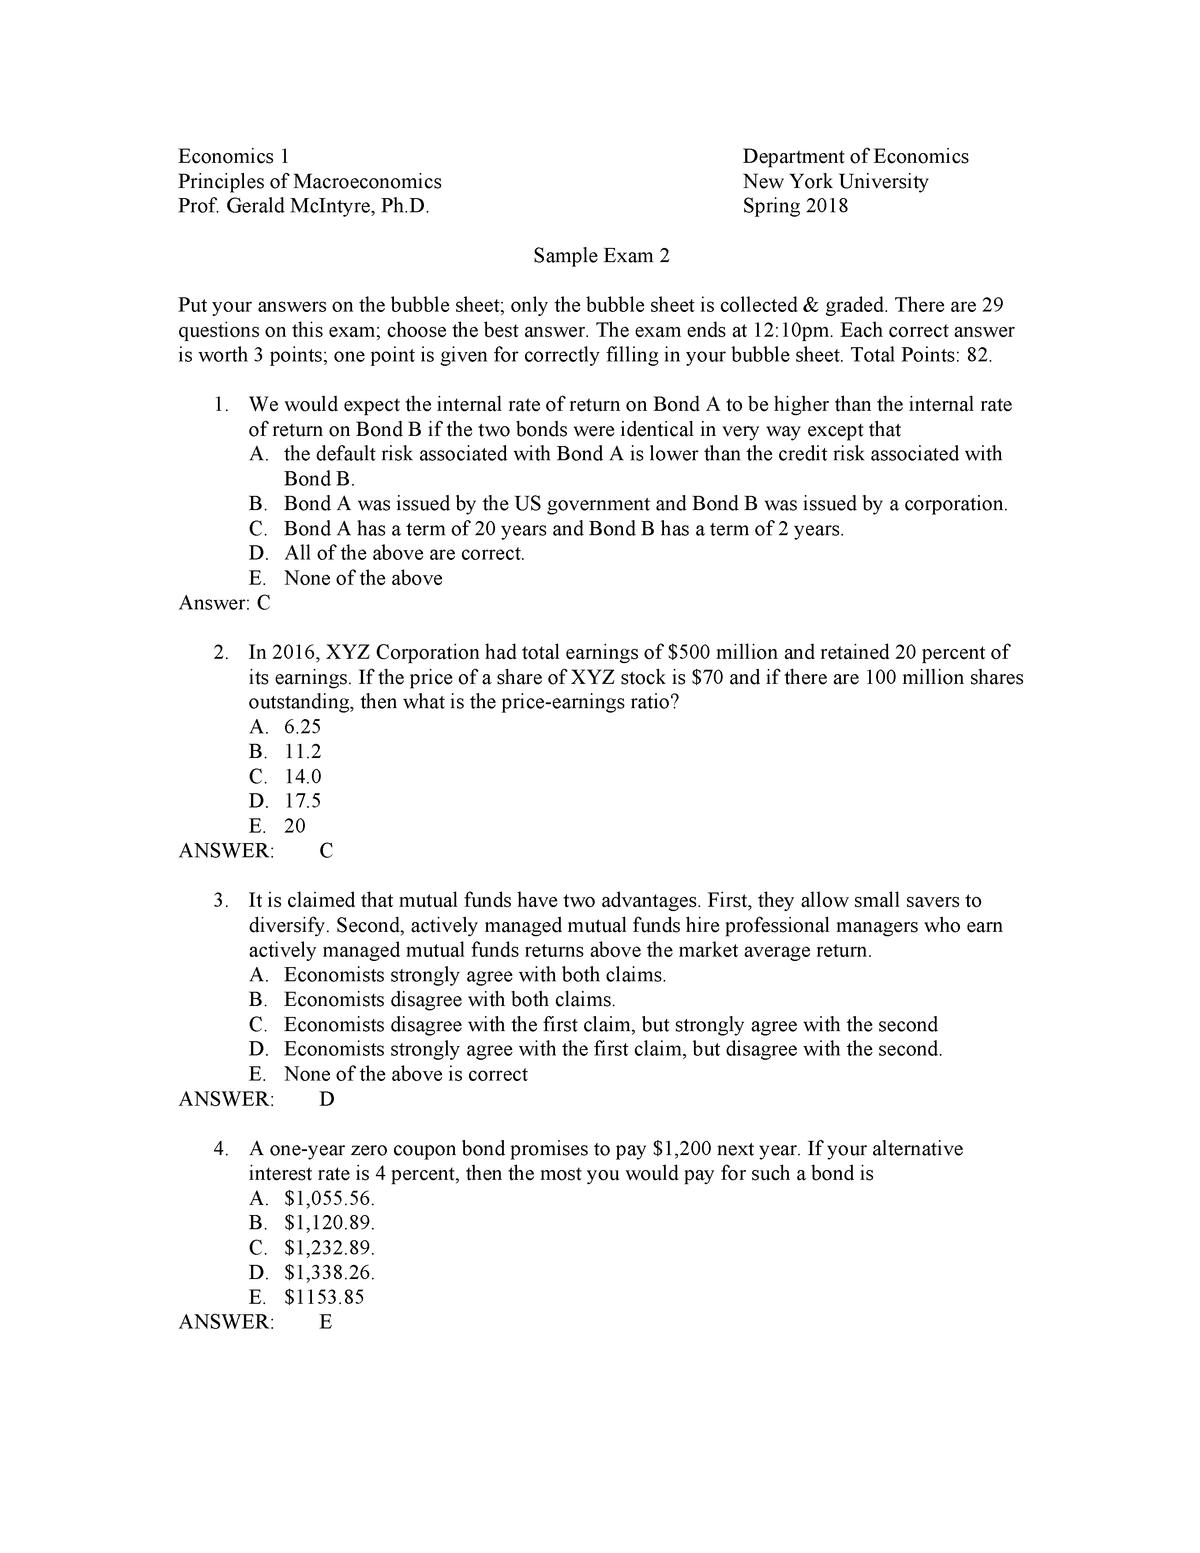 Exam 2018 - ECONUA1: Introduction to Macroeconomics (P, T